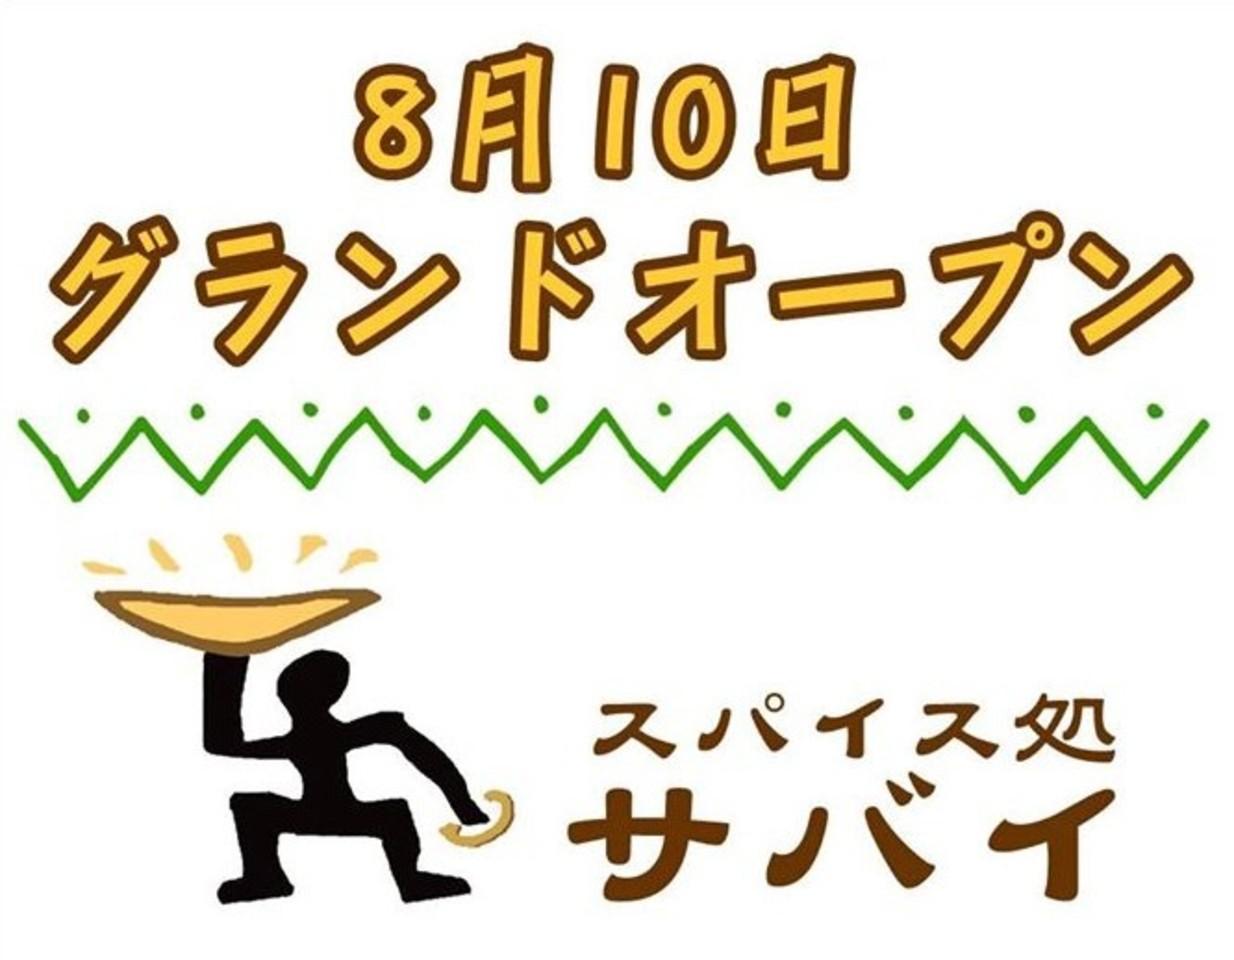 福島県会津若松市馬場町に「スパイス処サバイ」が8/10グランドオープンされたようです。